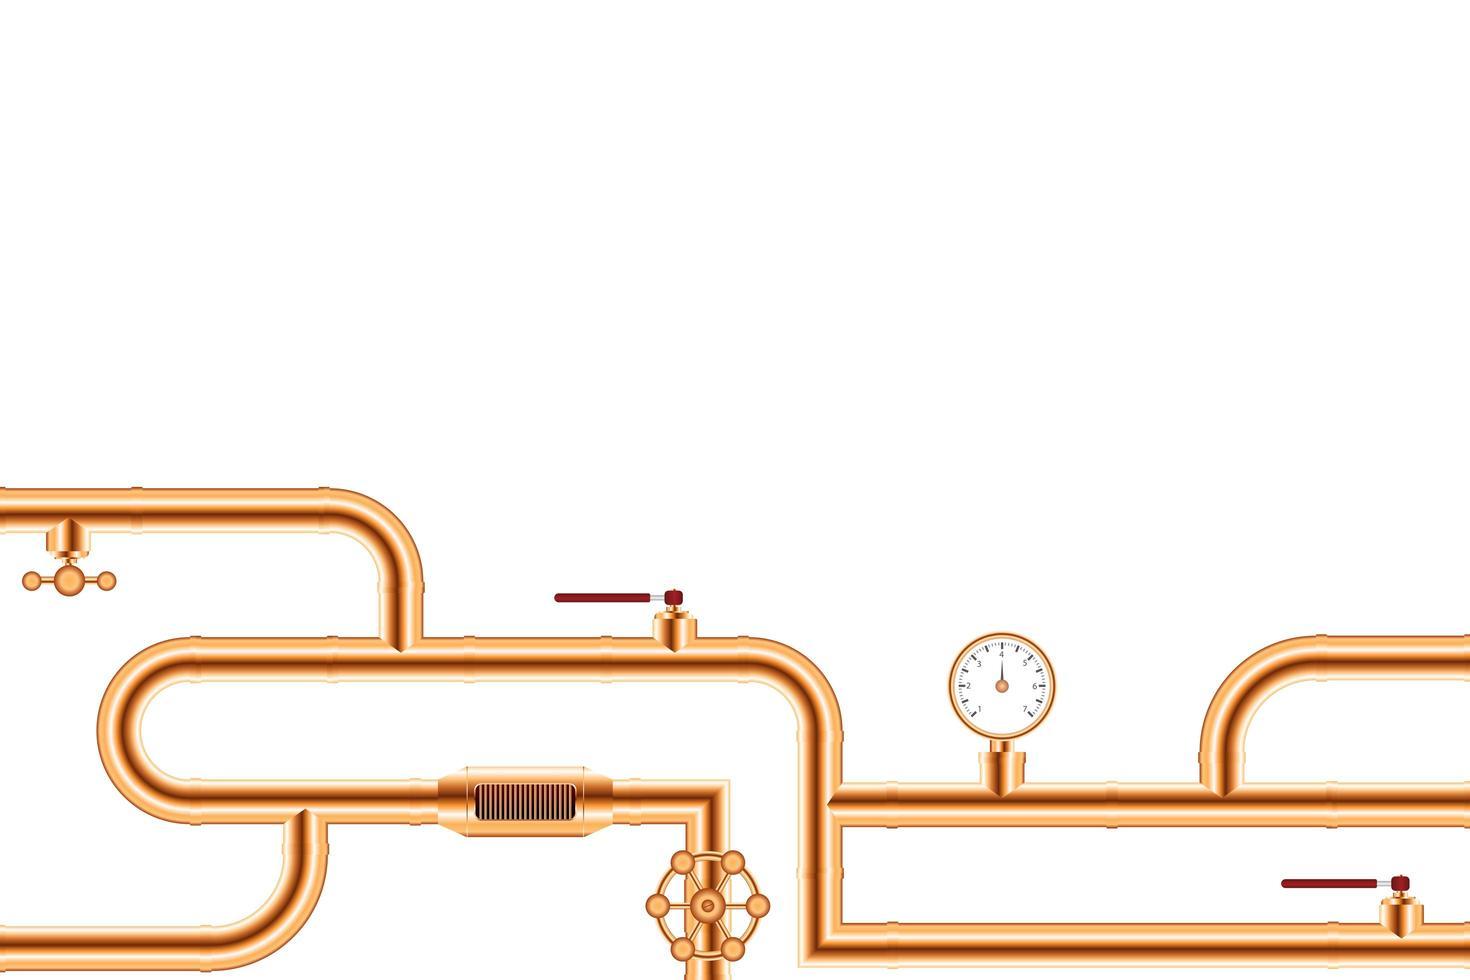 sistema di collegamento tubi in rame vettore